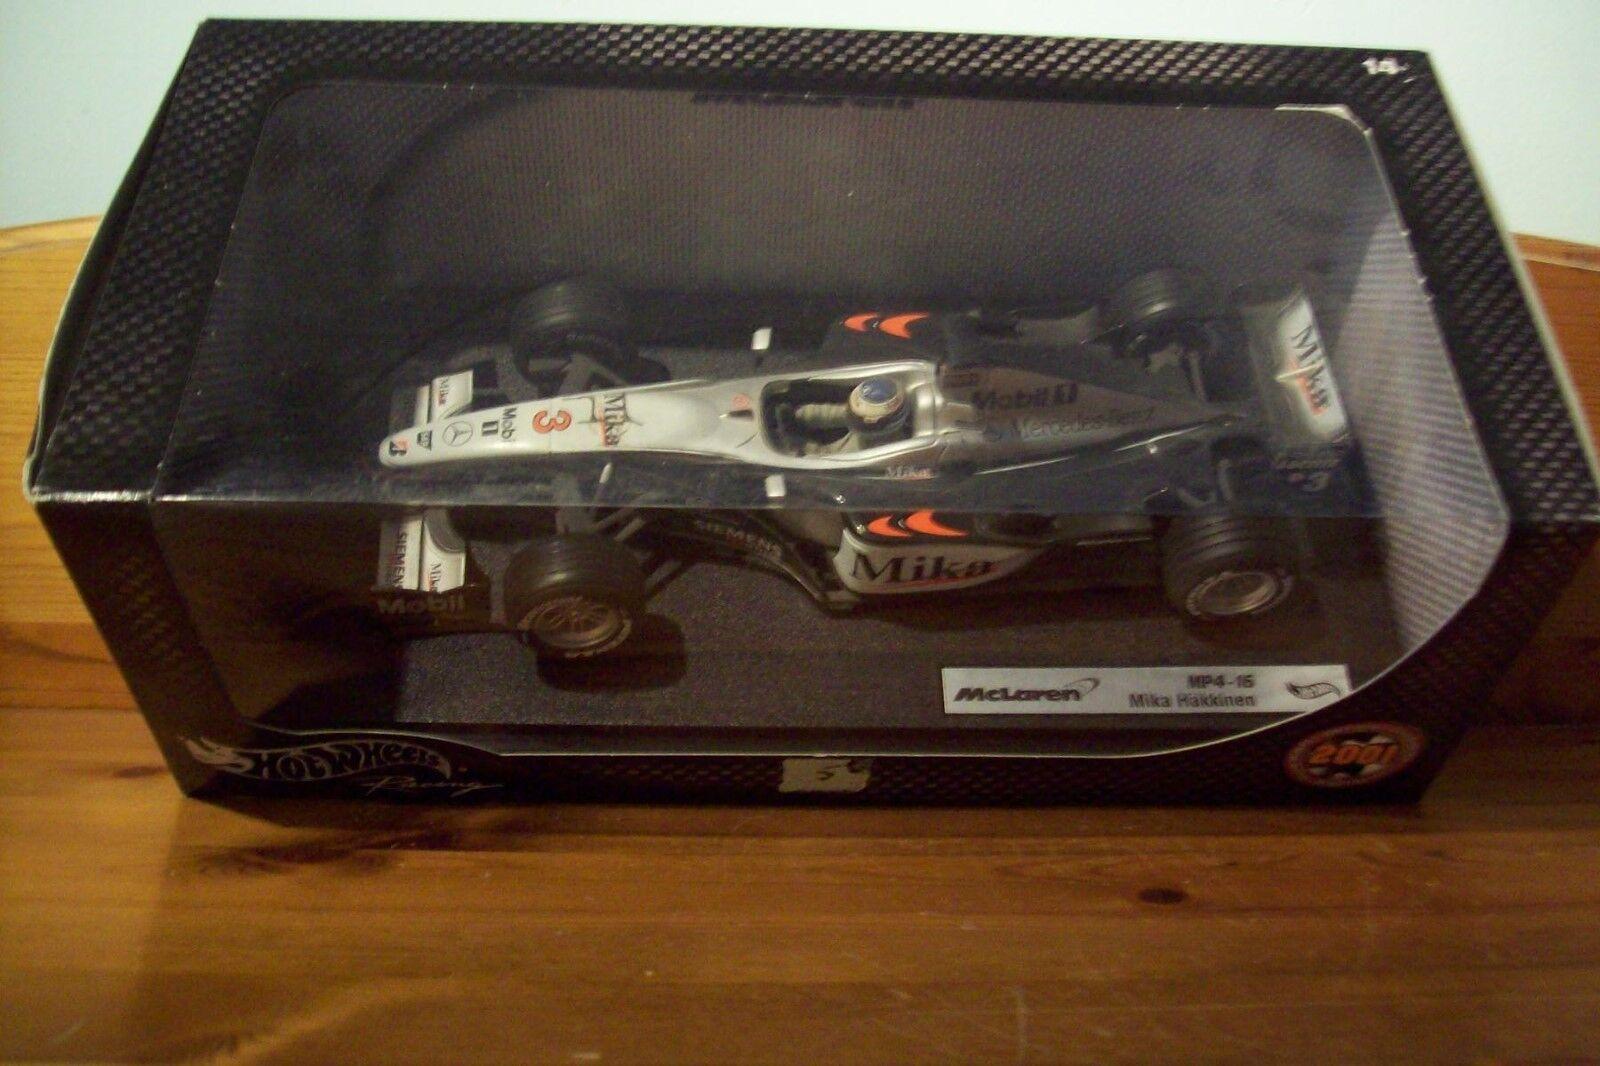 1 18 Hot Wheels McLaren Mercedes MP4 MP4 MP4 16 Mika obligaba 2001 versión de lanzamiento a04016